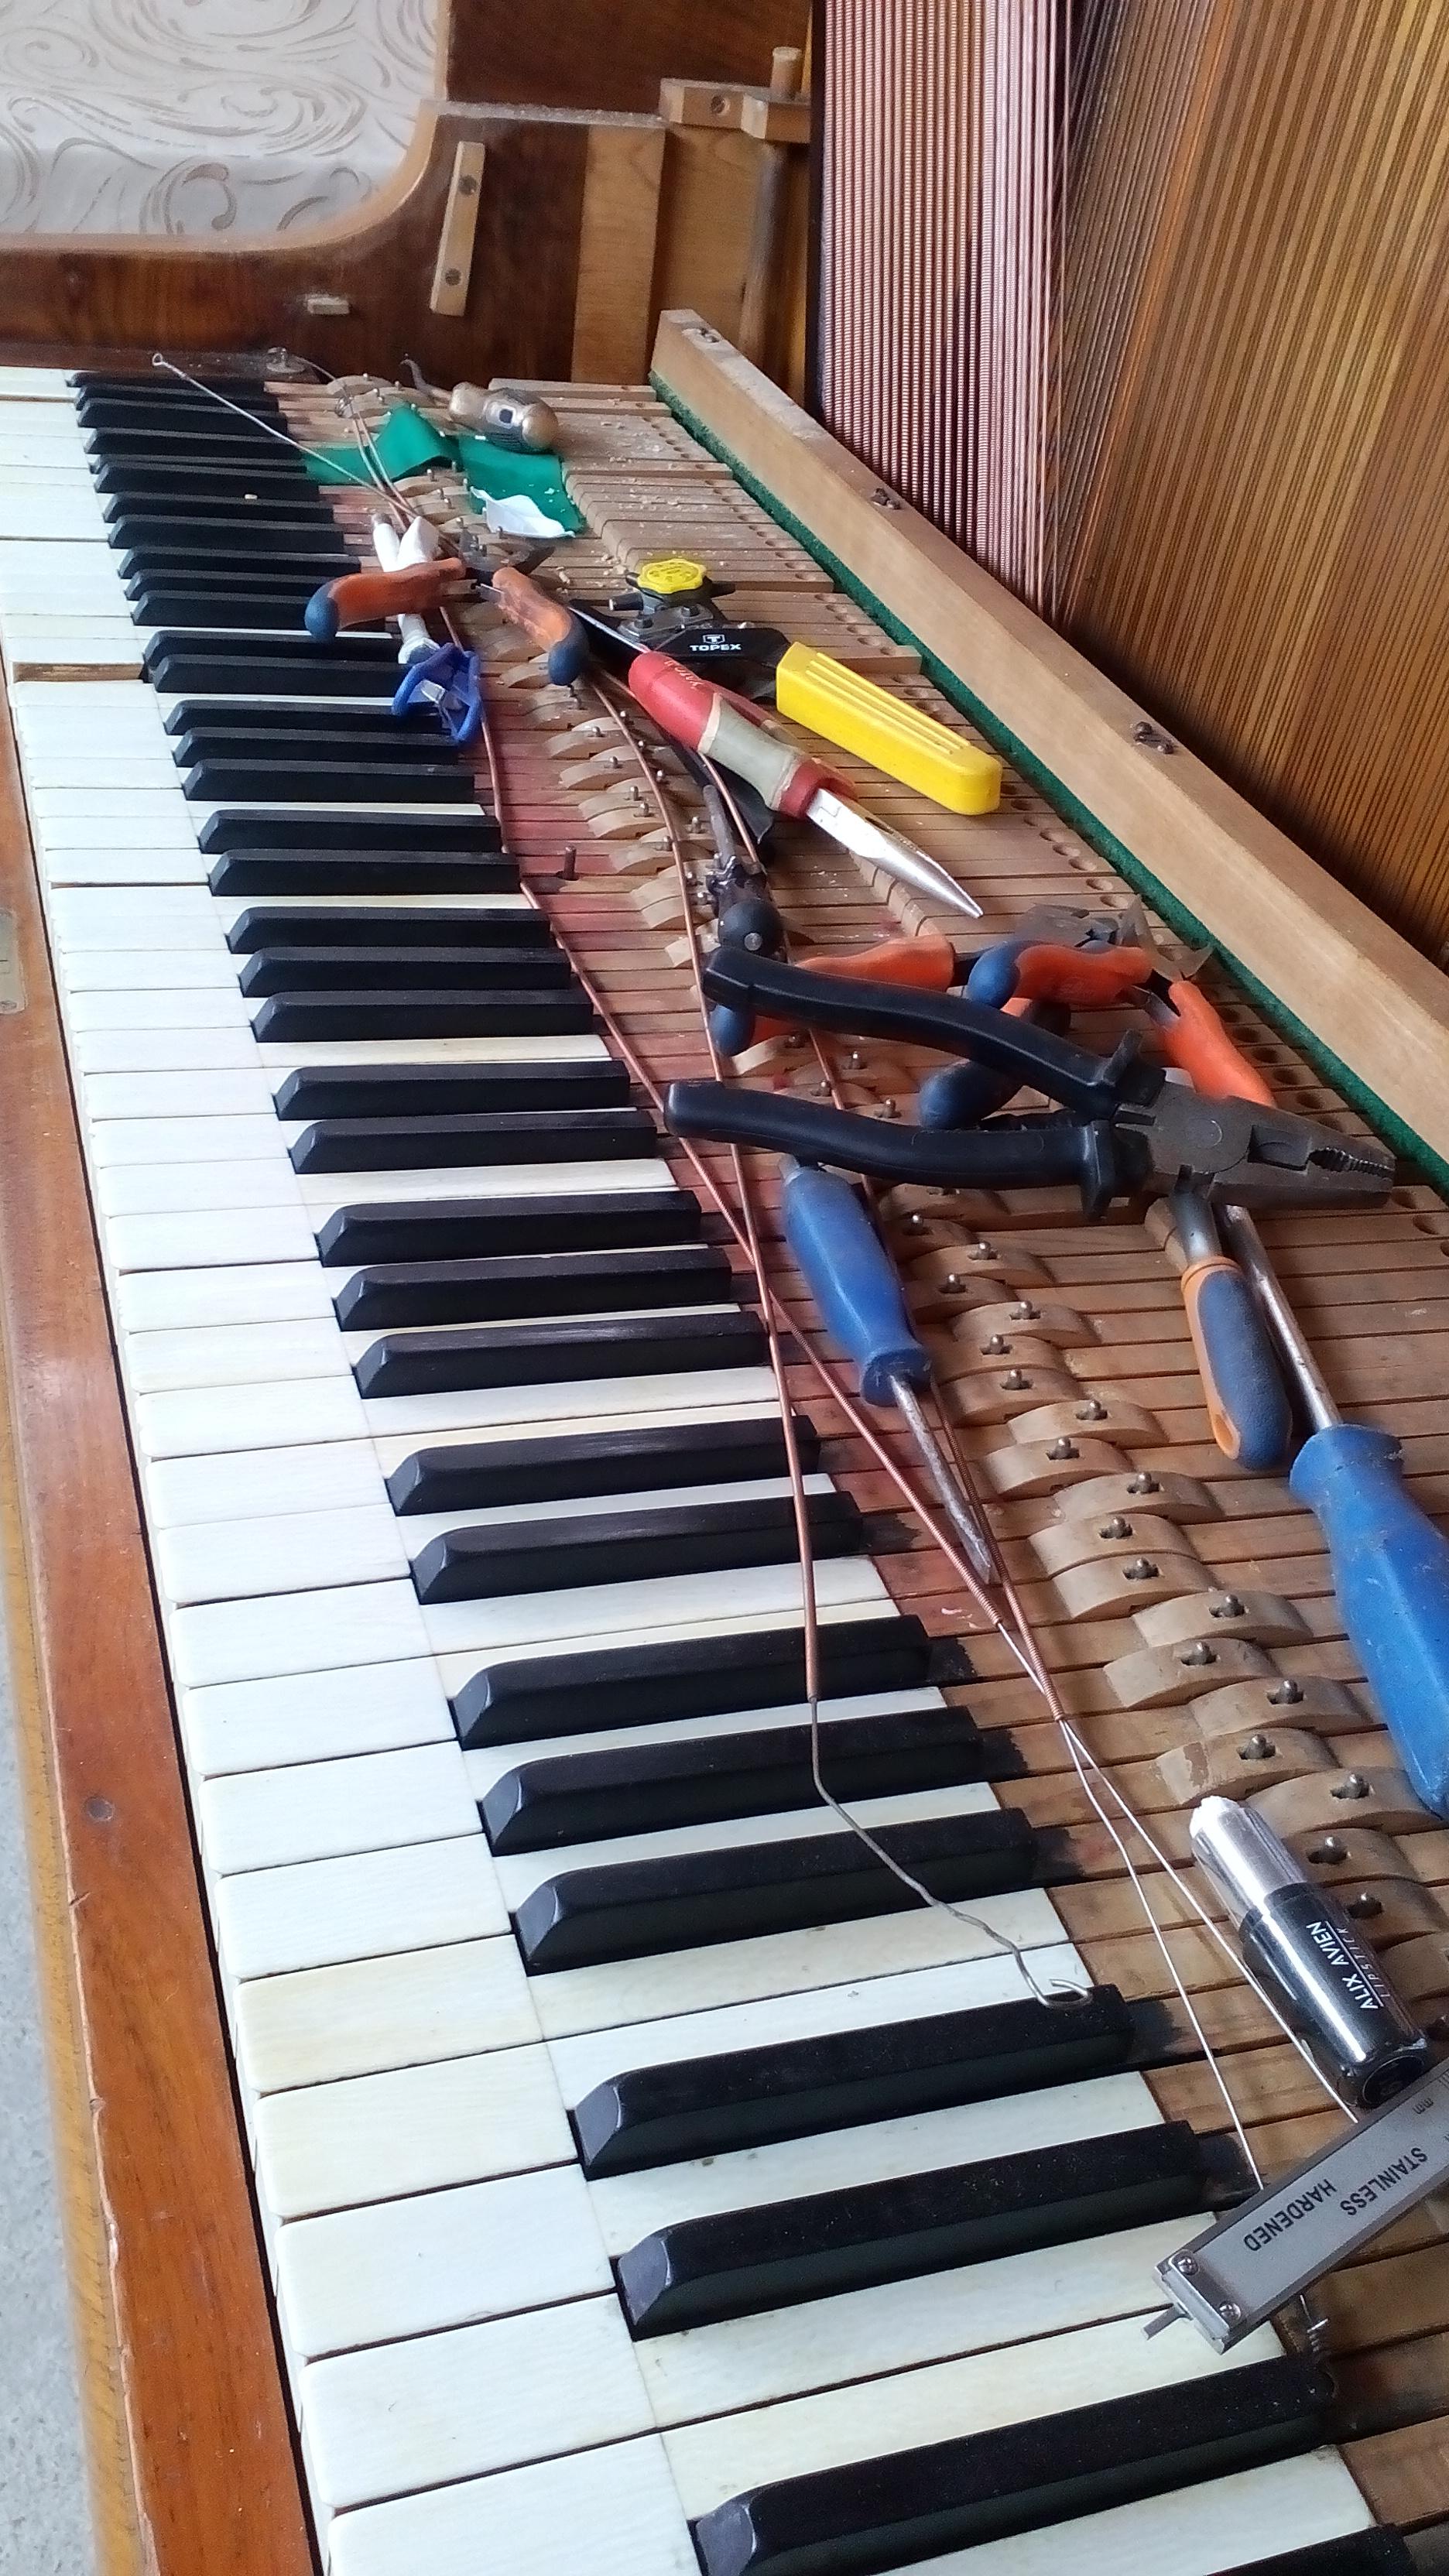 Ремонт фортепиано, реставрация форте